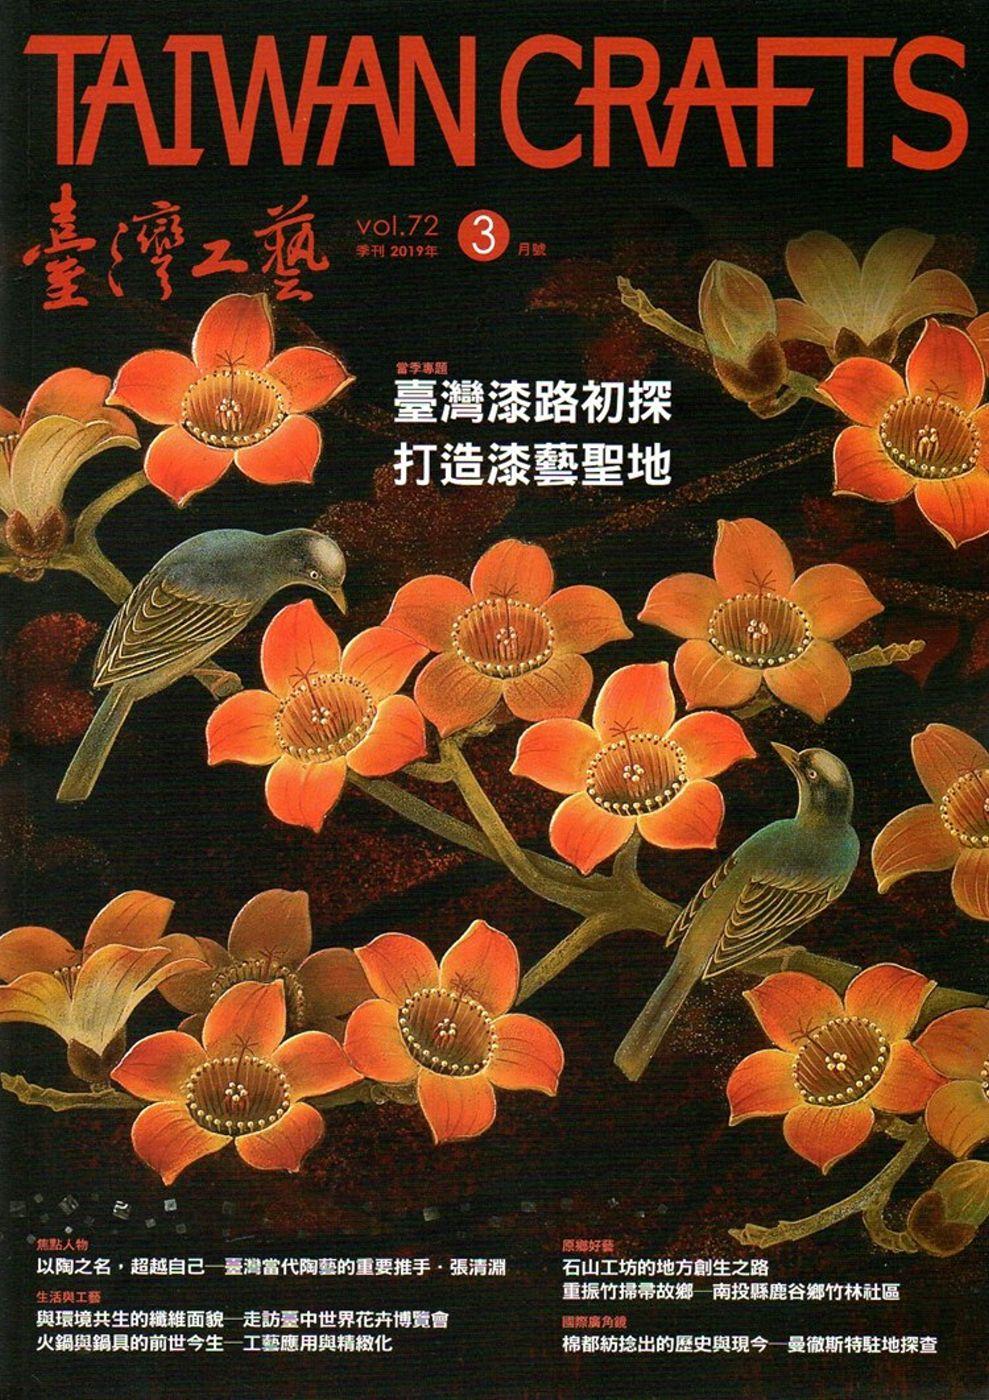 臺灣工藝季刊72期(2019.3月號)